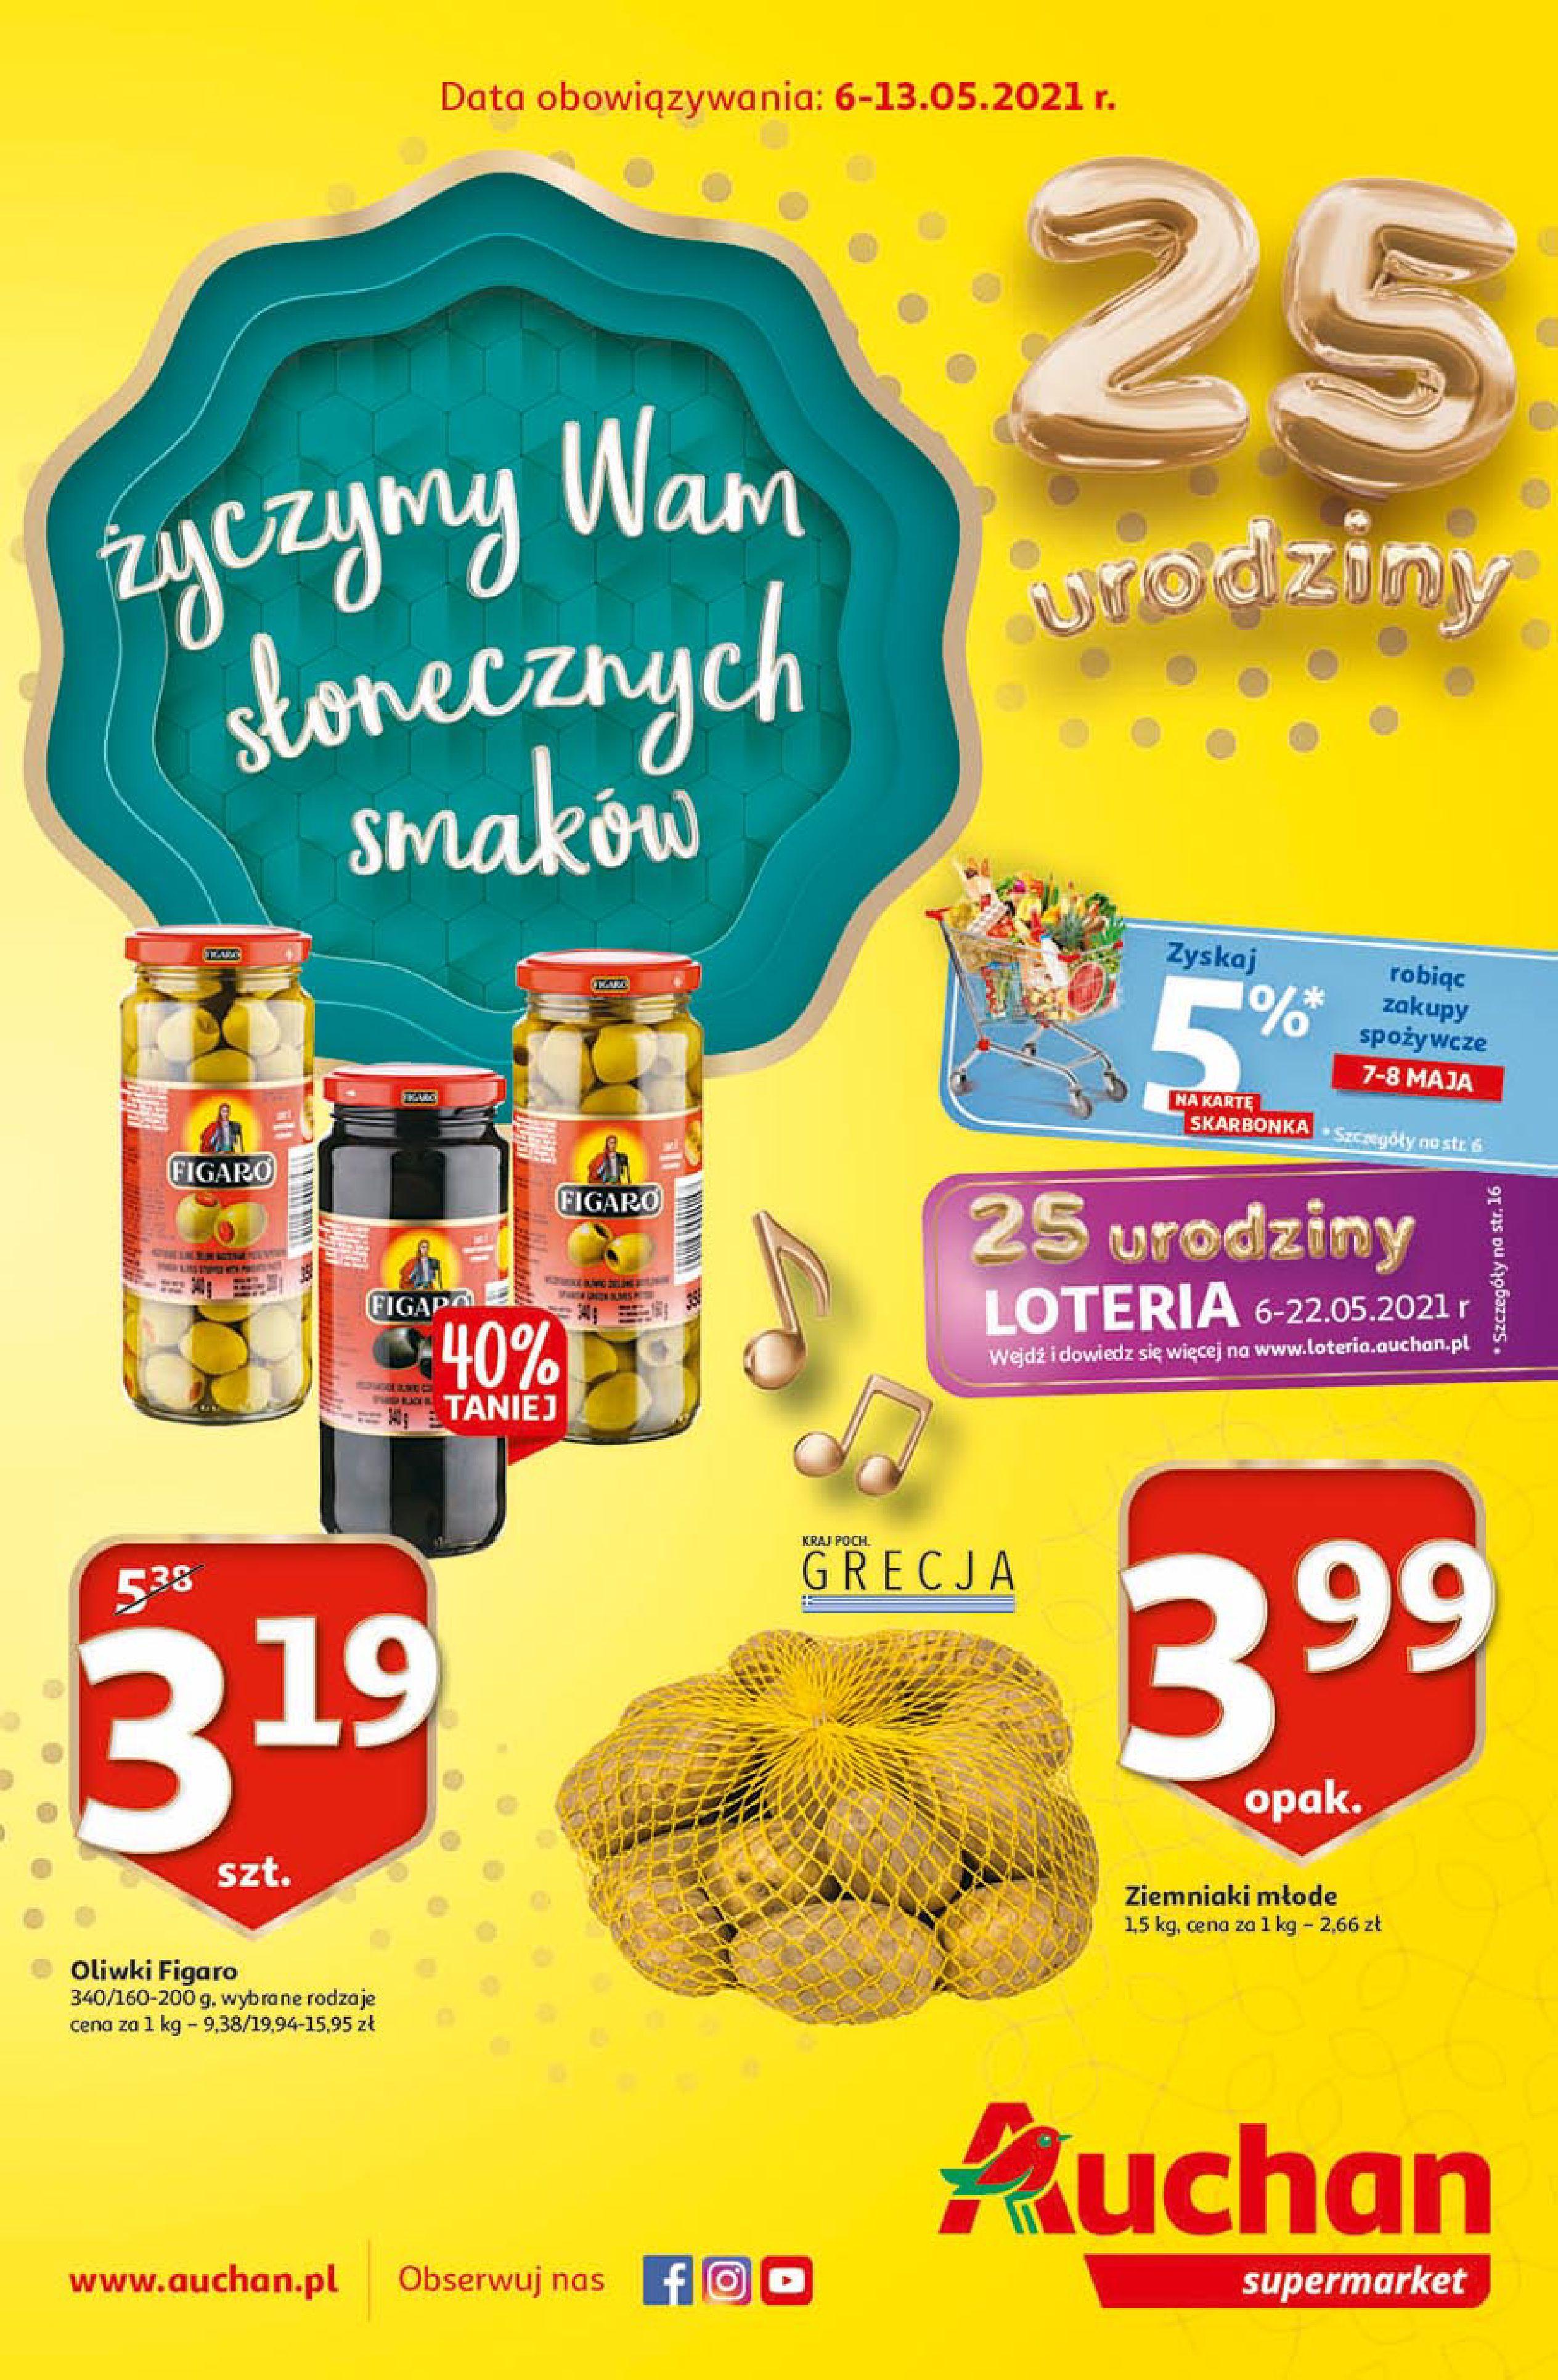 Auchan:  25 Urodziny #3 Supermarkety 05.05.2021